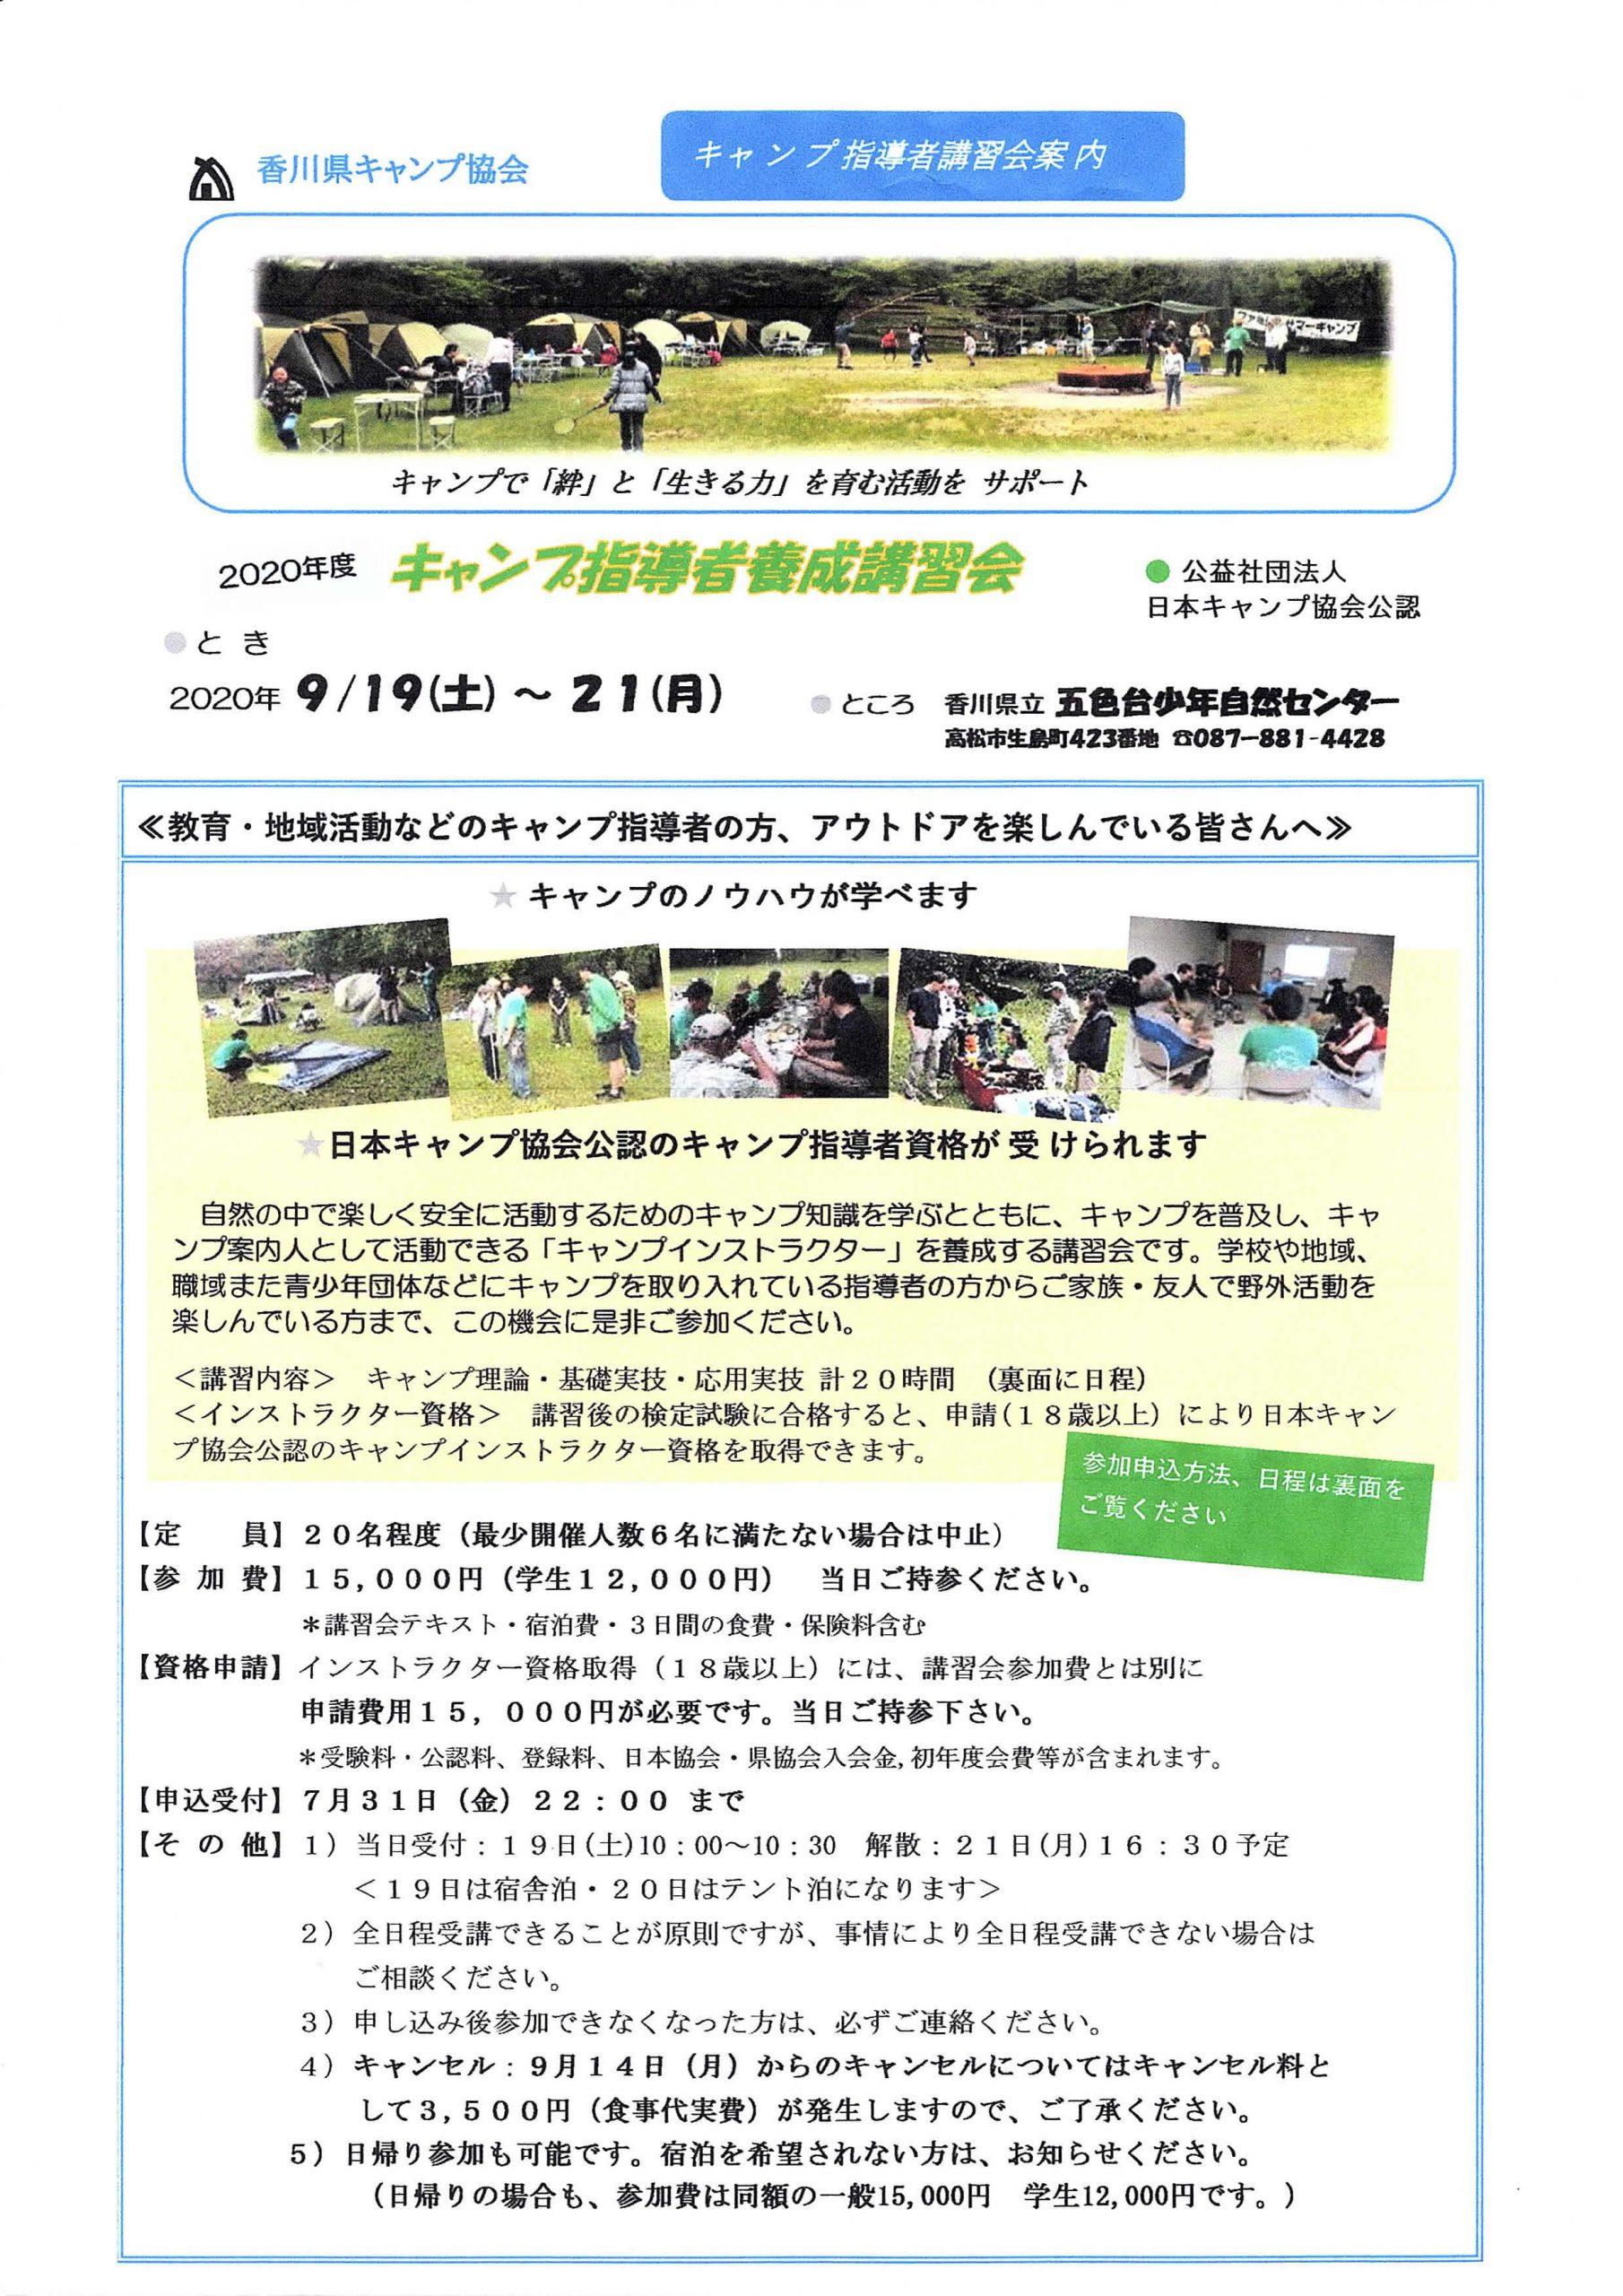 香川:キャンプインストラクター養成講習会 @ 香川県立五色台少年自然センター